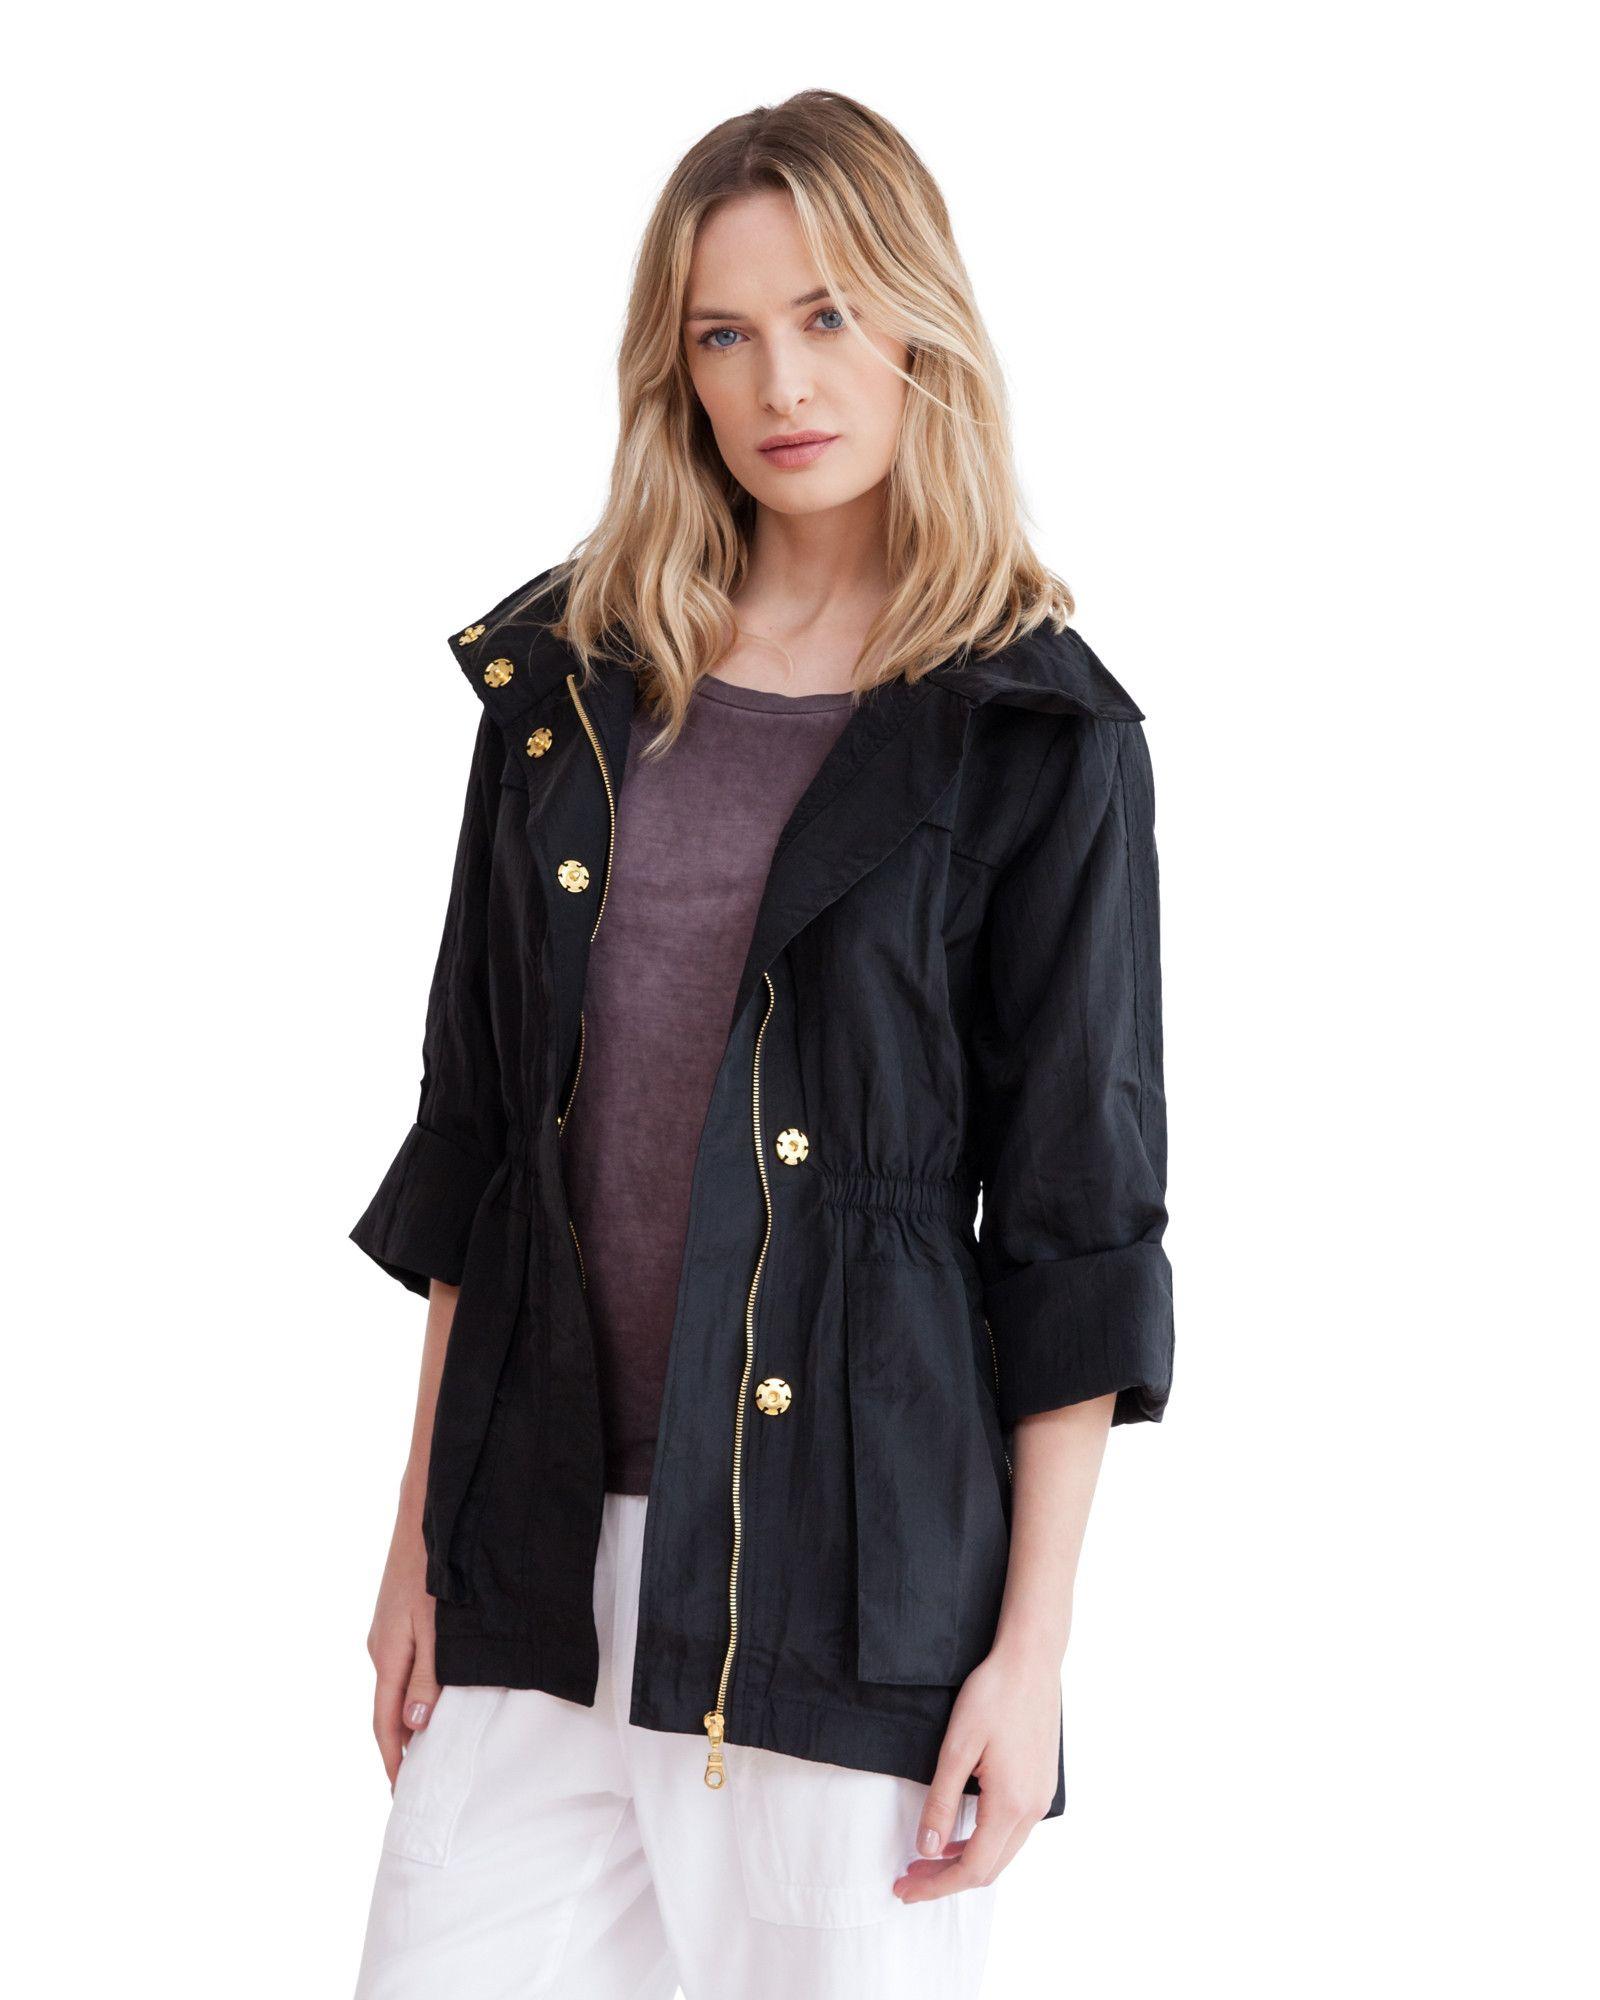 4e476eff0b483 The Anorak - Crinkle Nylon   My Style   Anorak jacket, Jackets ...